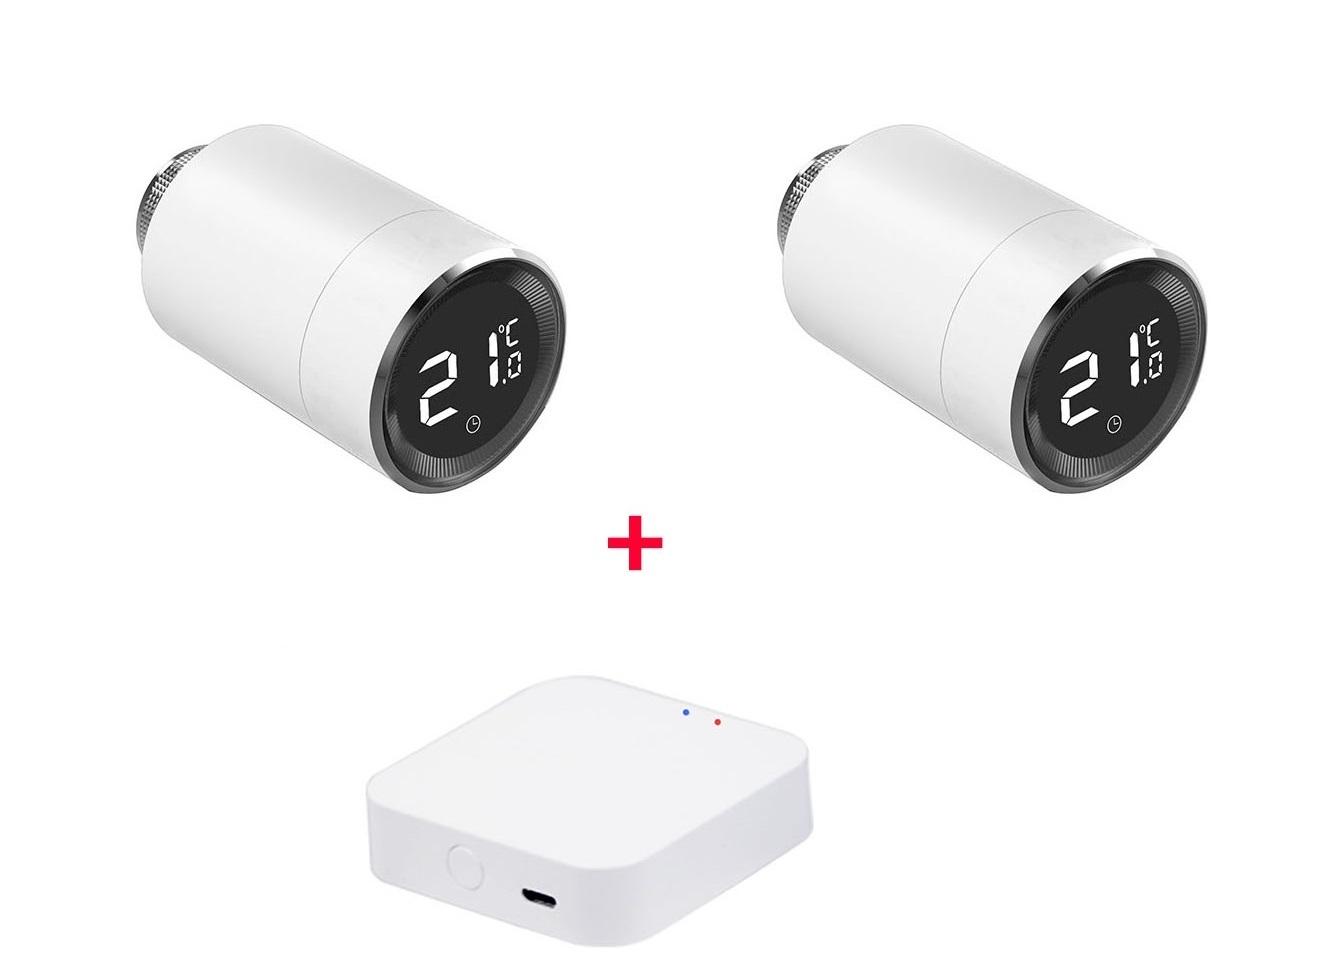 Умный дом: Комплект термоконтроль - контроллер (шлюз) Tervix Zigbee Gateway и 2 беспроводные радиаторные термоголовки Tervix EVA - 1